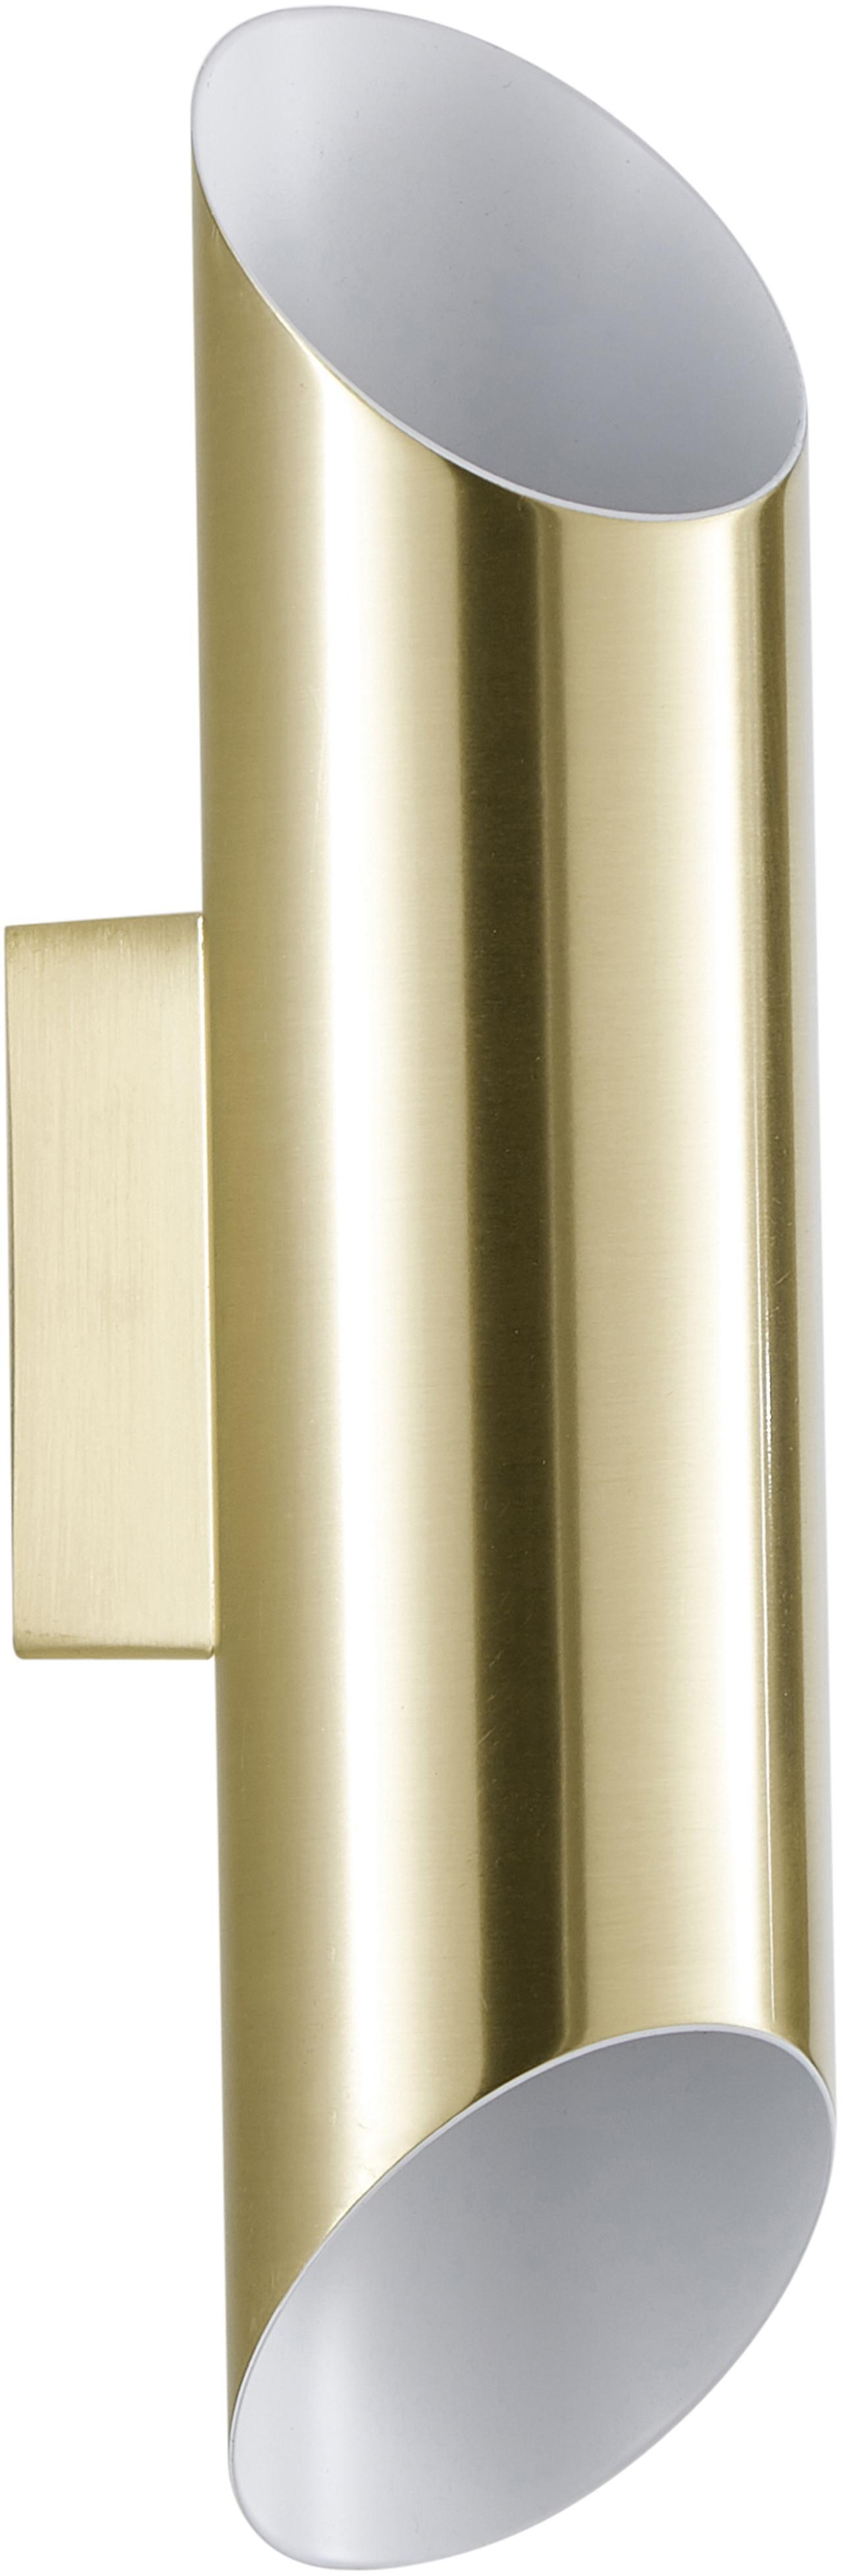 Wandleuchte Renee, Baldachin: Metall, gebürstet, Lampenschirm: Metall, gebürstet, Goldfarben,matt, 7 x 28 cm